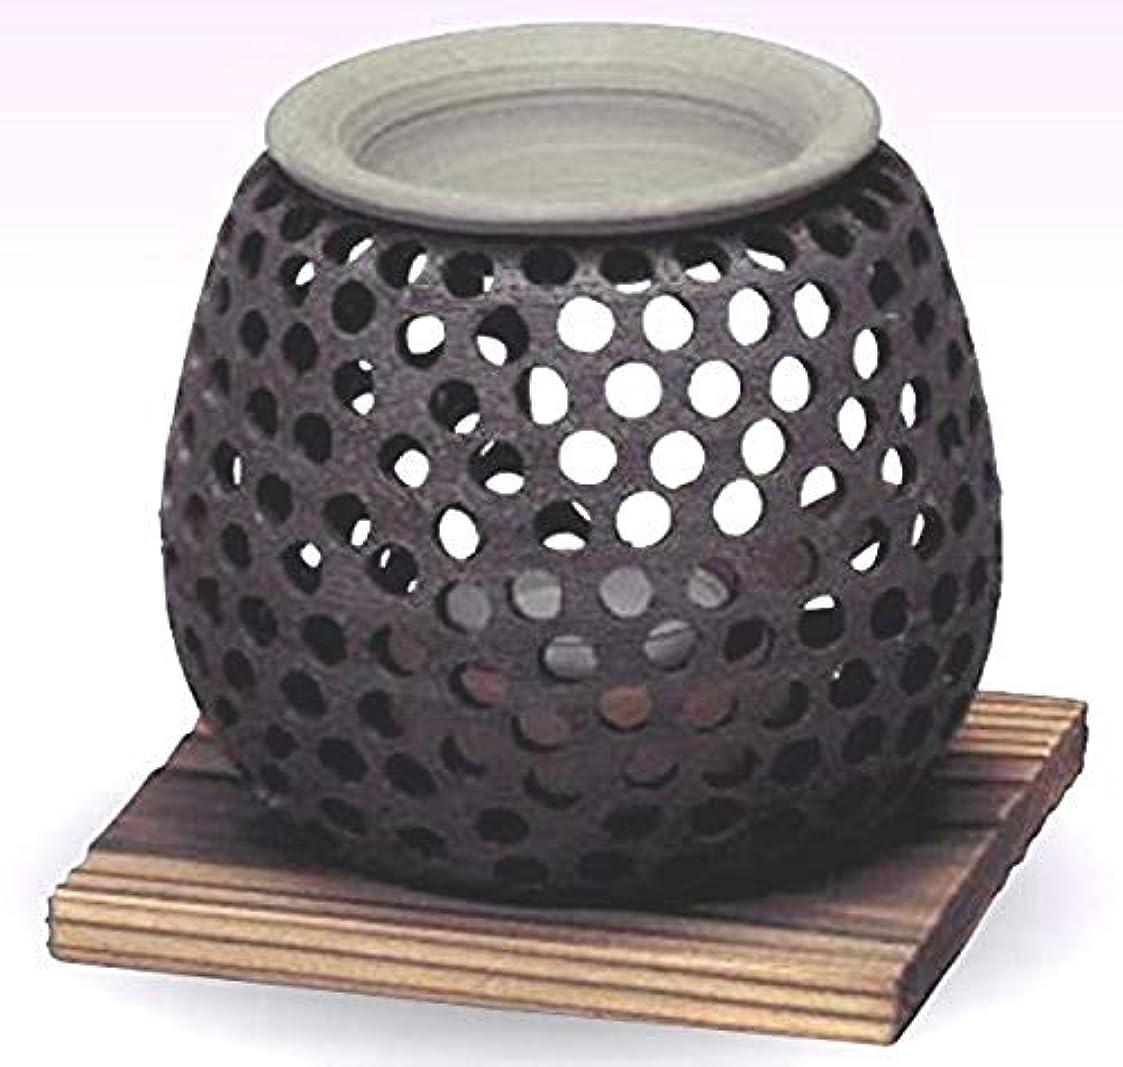 ミサイル扱いやすい噴出する常滑焼 石龍作 茶香炉(アロマポット)径10×高さ10cm